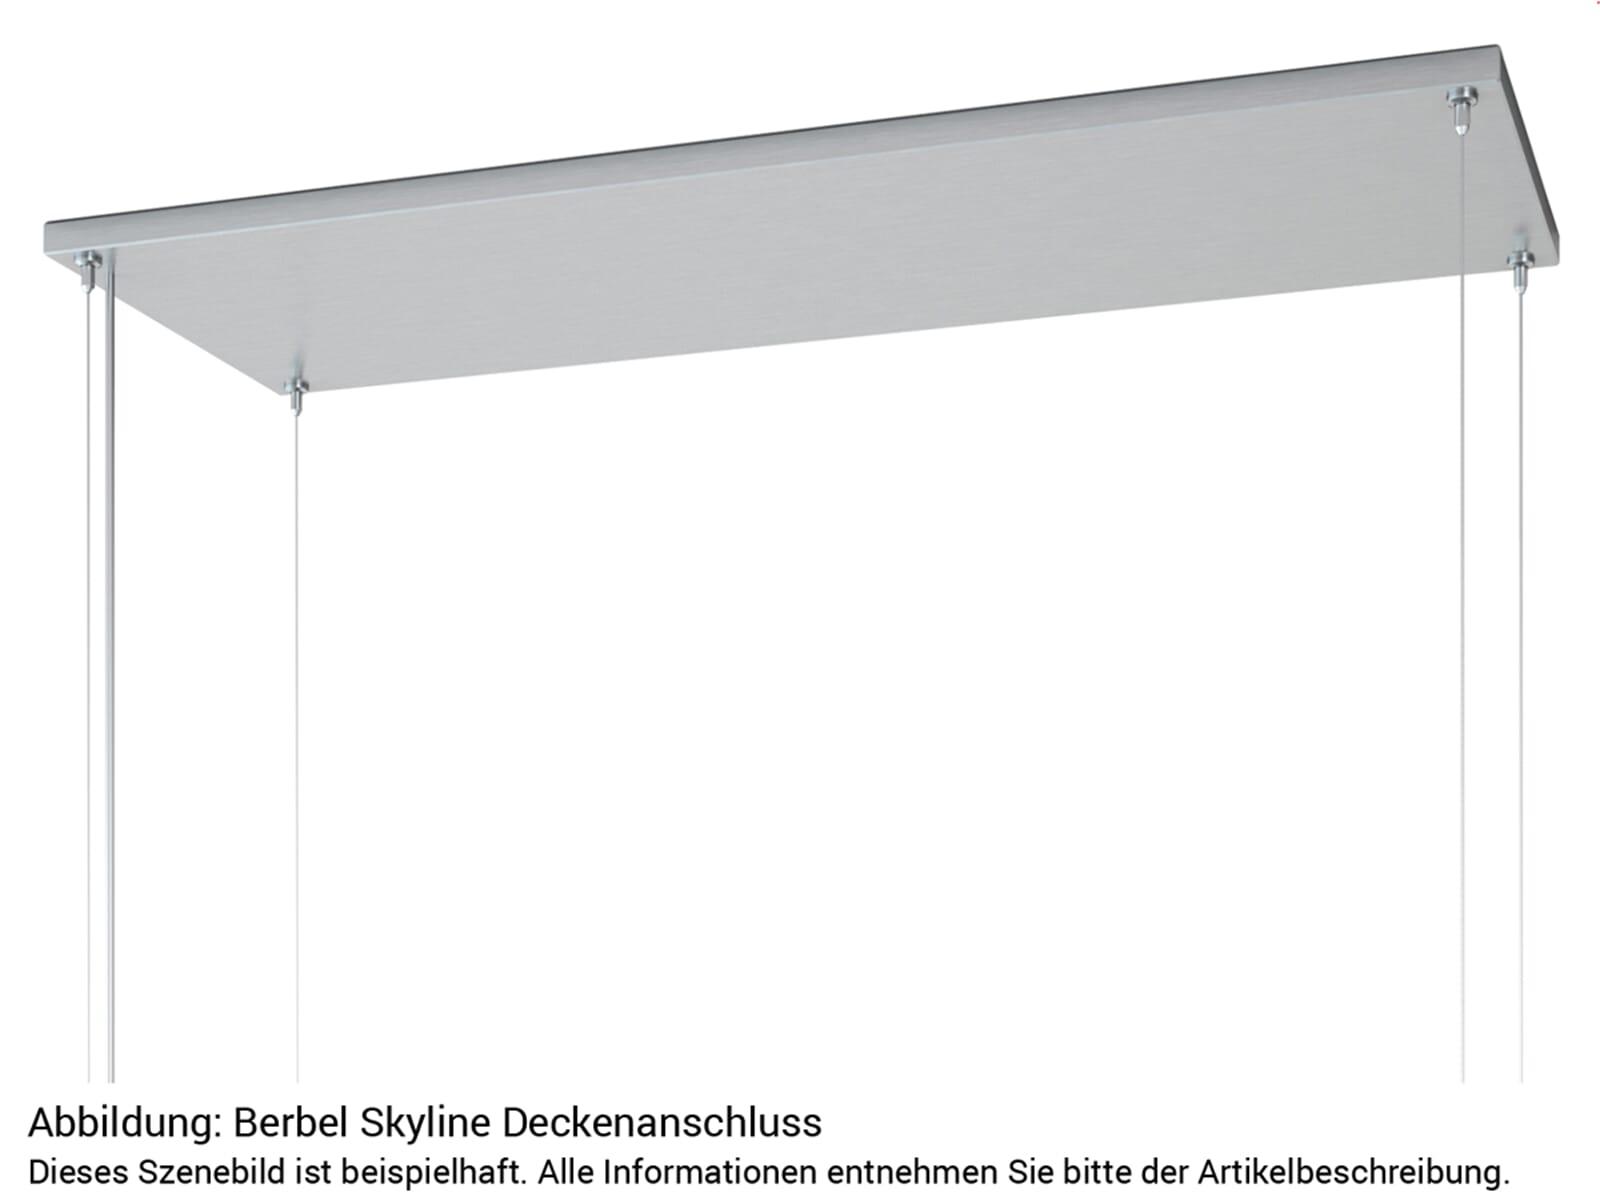 Berbel Skyline Set BDL 95 SK Deckenlifthaube Weiß + BDL 95 WG Deckenanschluss Weiß